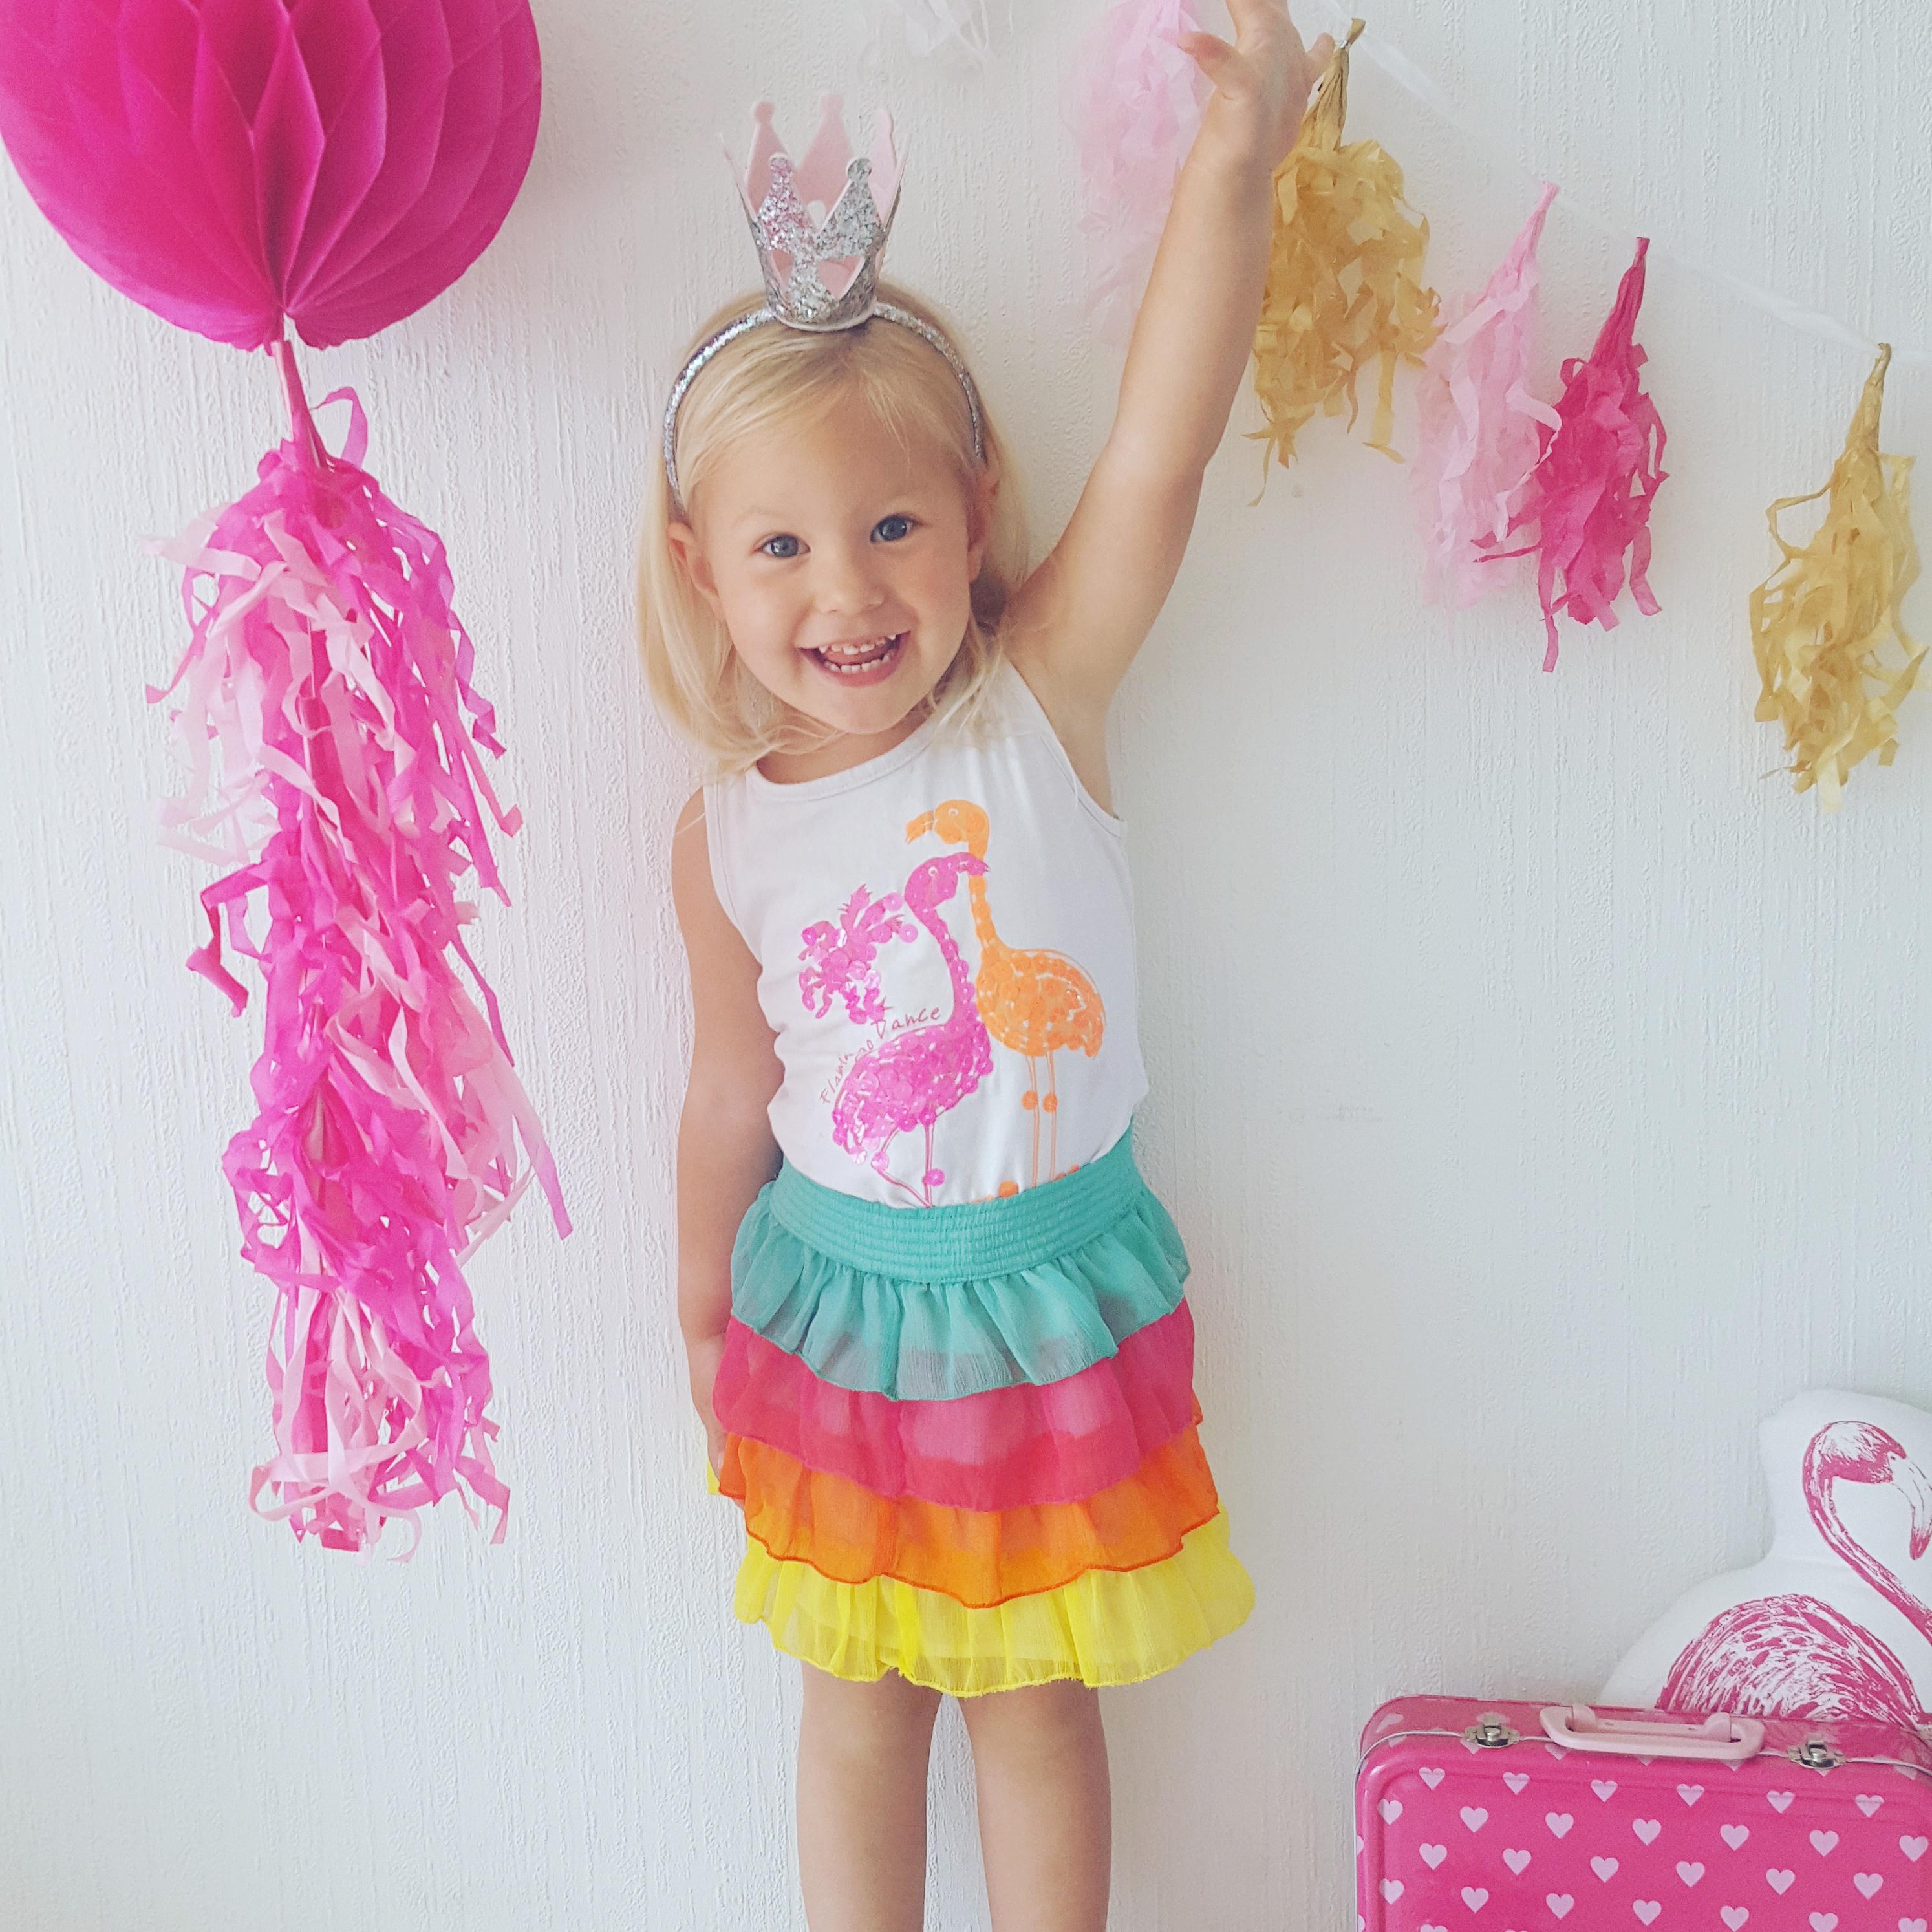 Mommy monday: Tess haar paleo verjaardagstaart